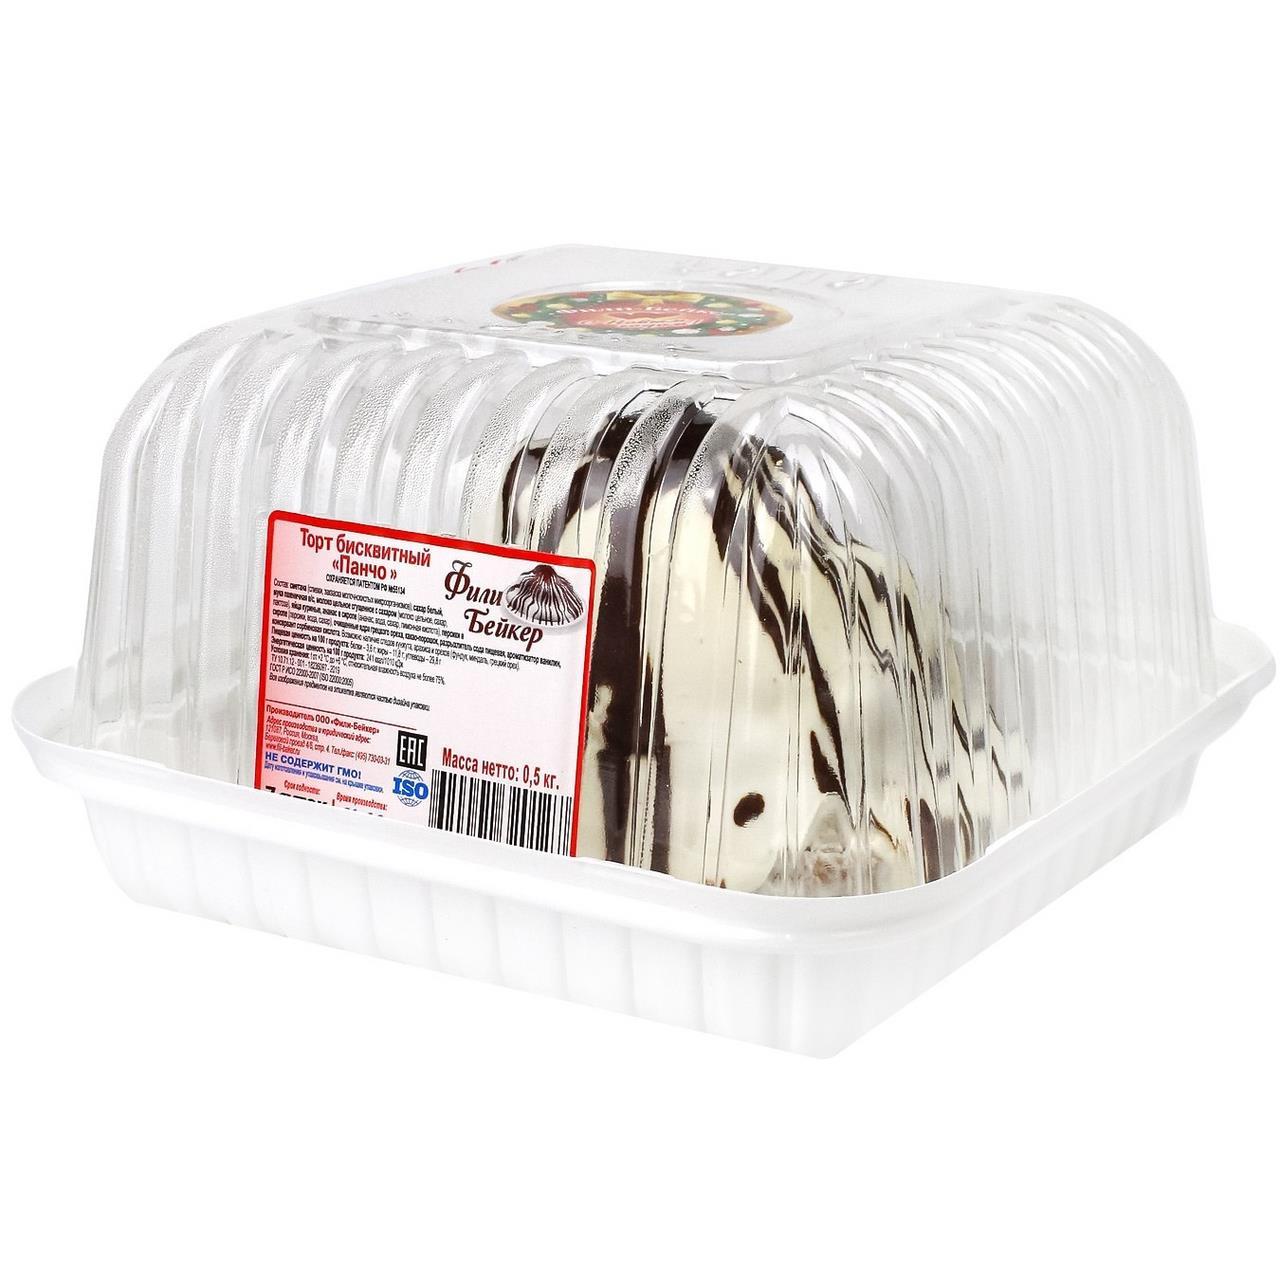 Торт ФИЛИ БЕЙКЕР панчо, 500 г